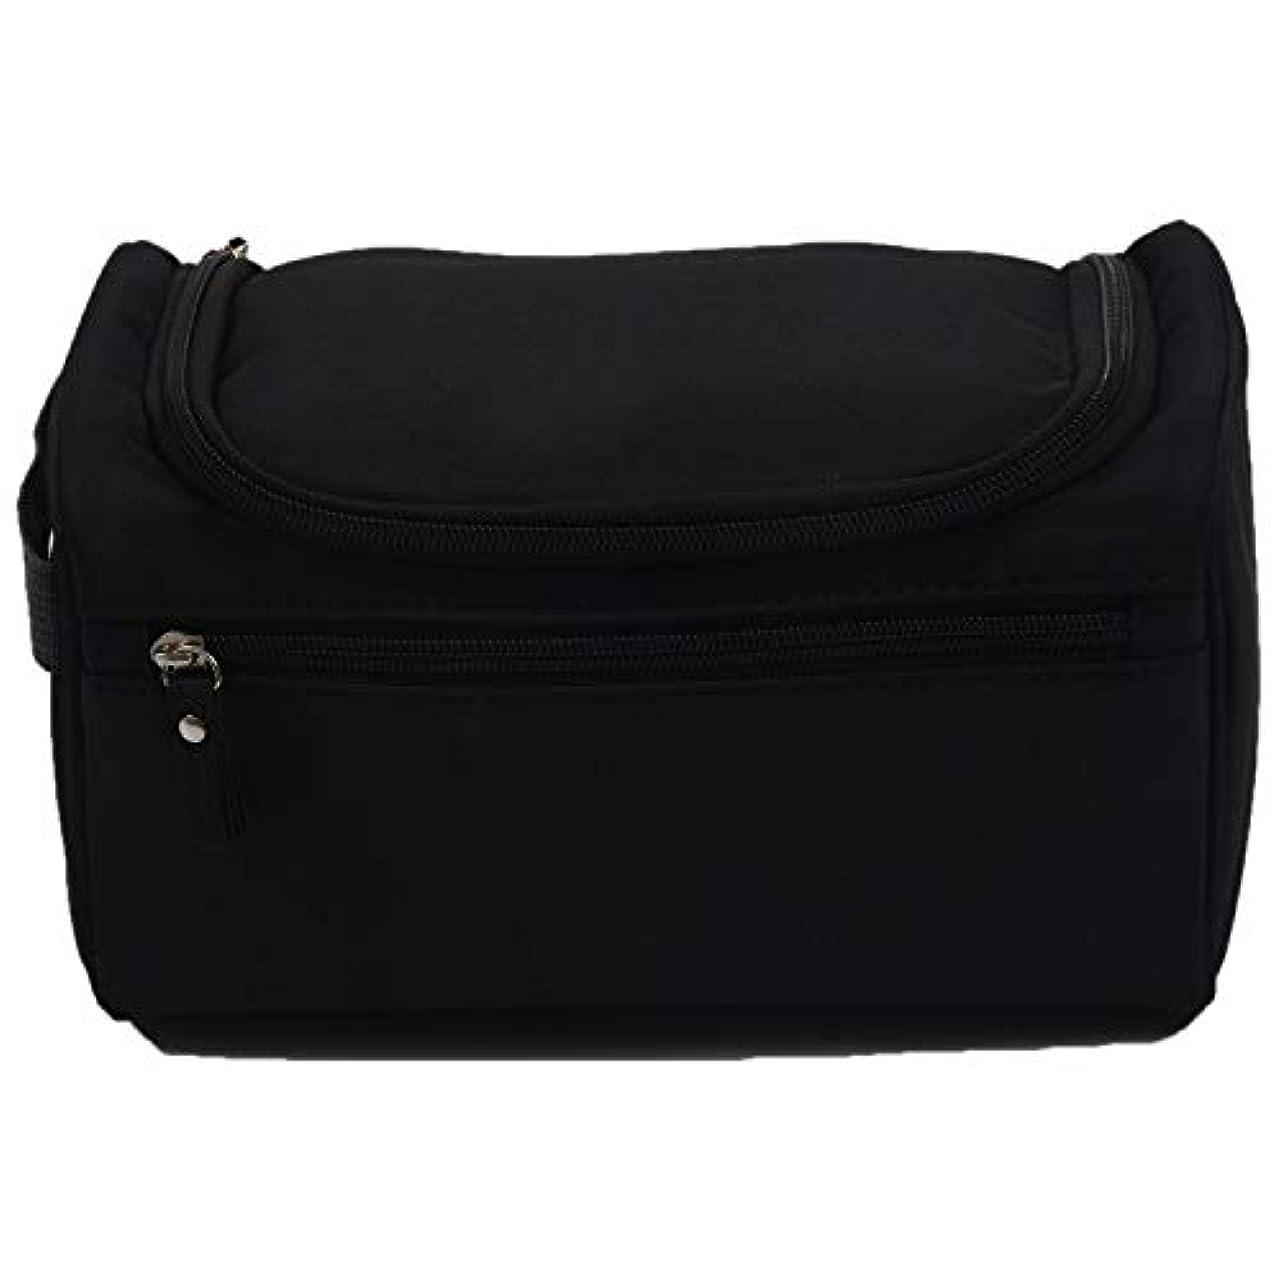 公使館飼いならすハントSODIAL ( R ) Hand Washバッグメンズ旅行大容量ストレージWashバッグカラー:ブラック